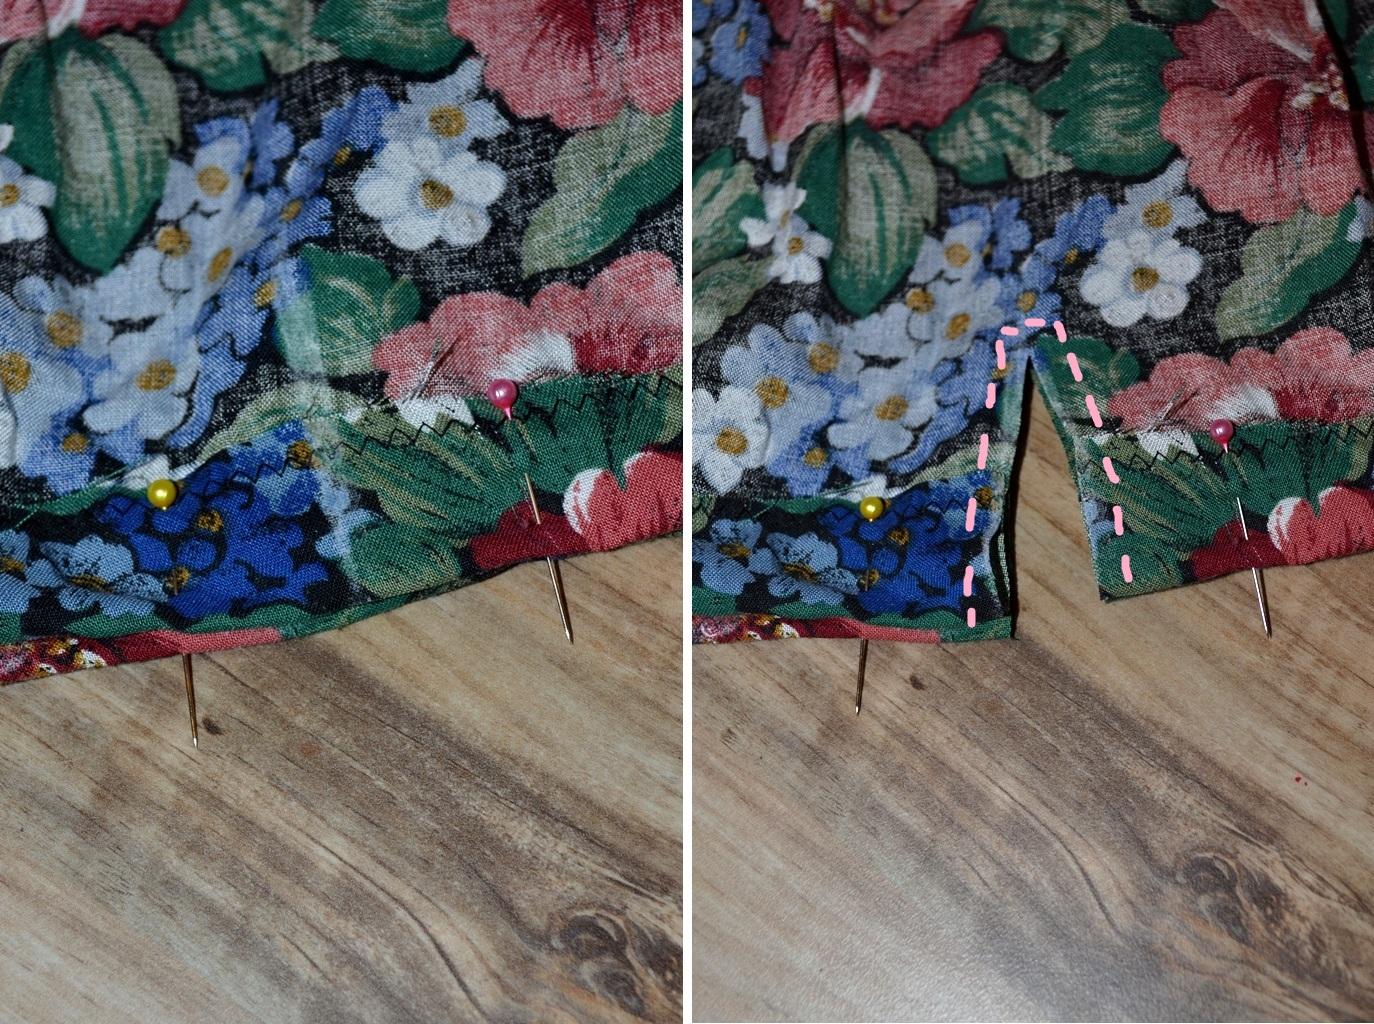 Мастер-класс стилиста: цветочные шорты из бабушкиной юбки - фото №4